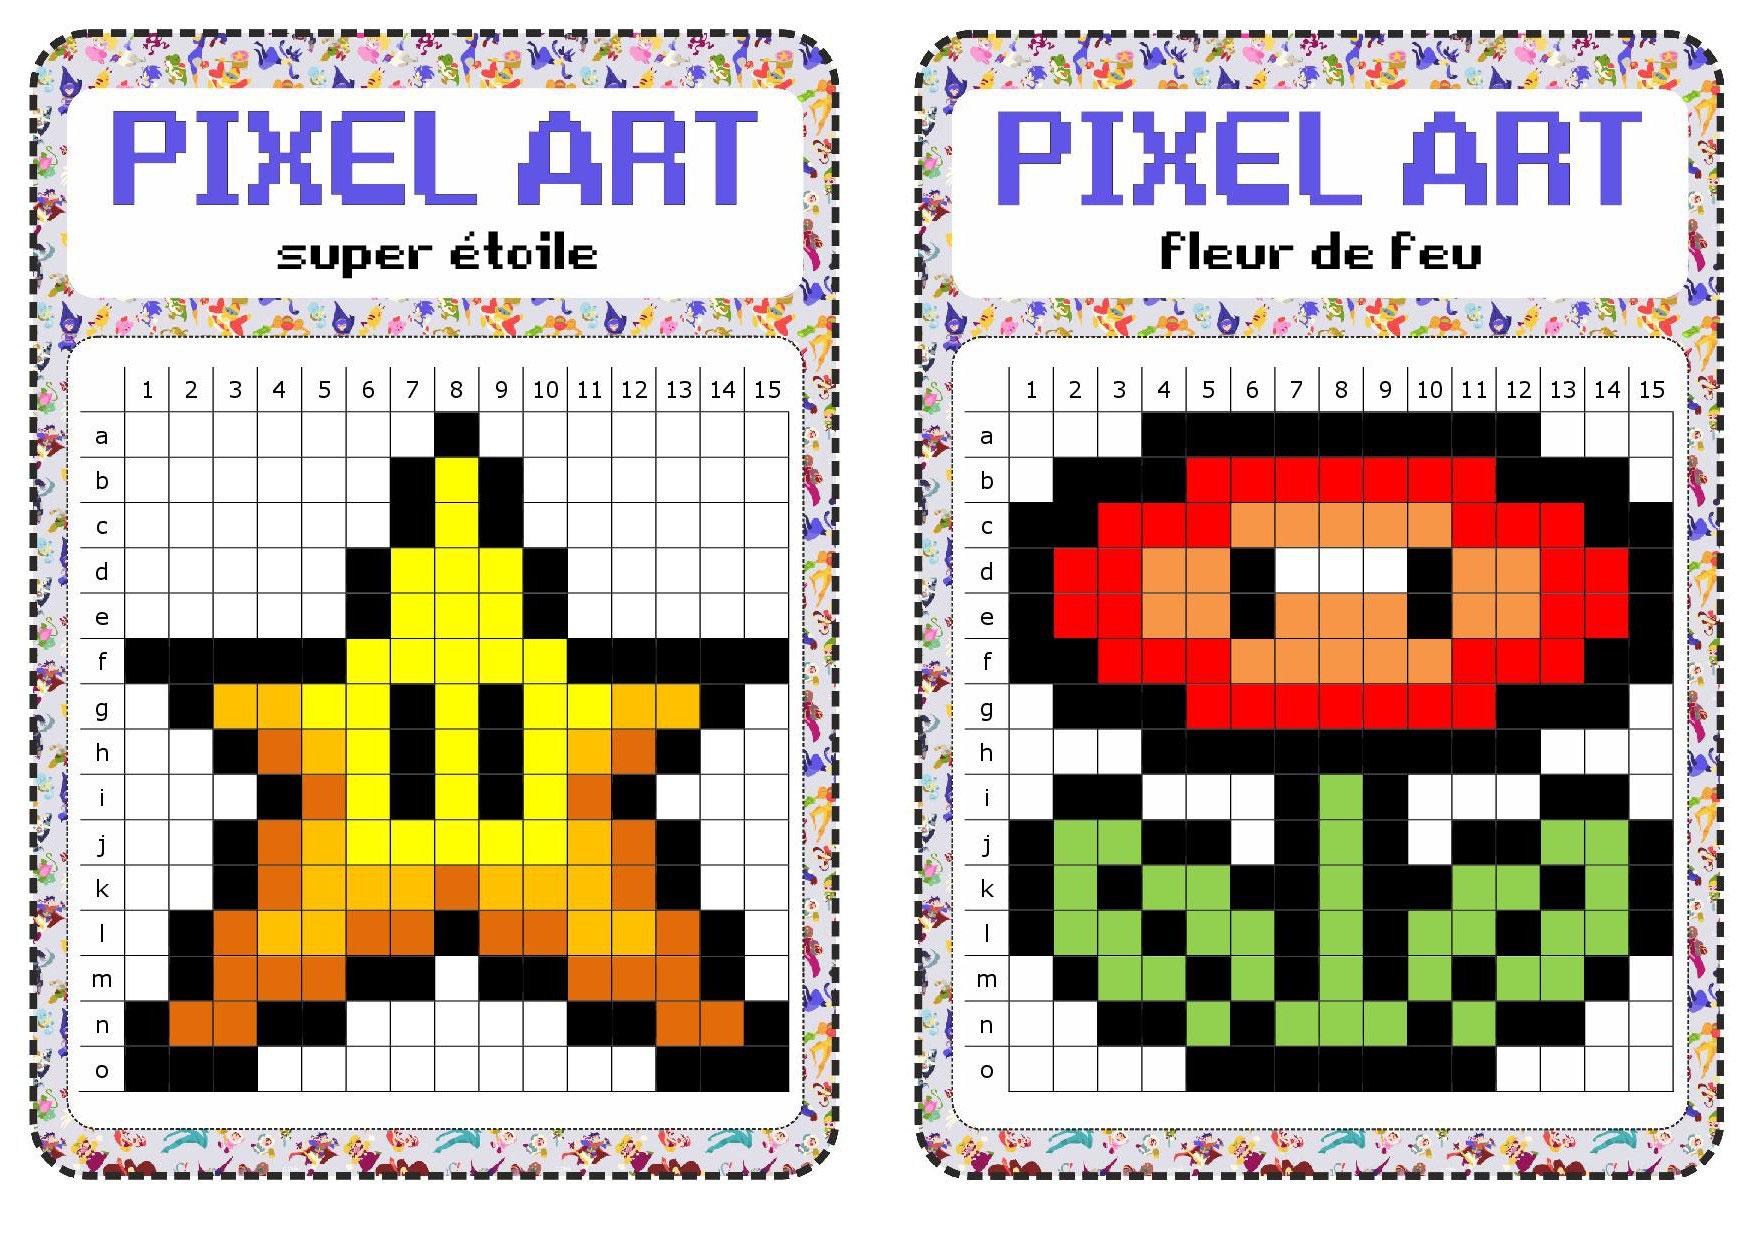 Atelier Libre : Pixel Art - Fiches De Préparations (Cycle1 tout Voiture Pixel Art